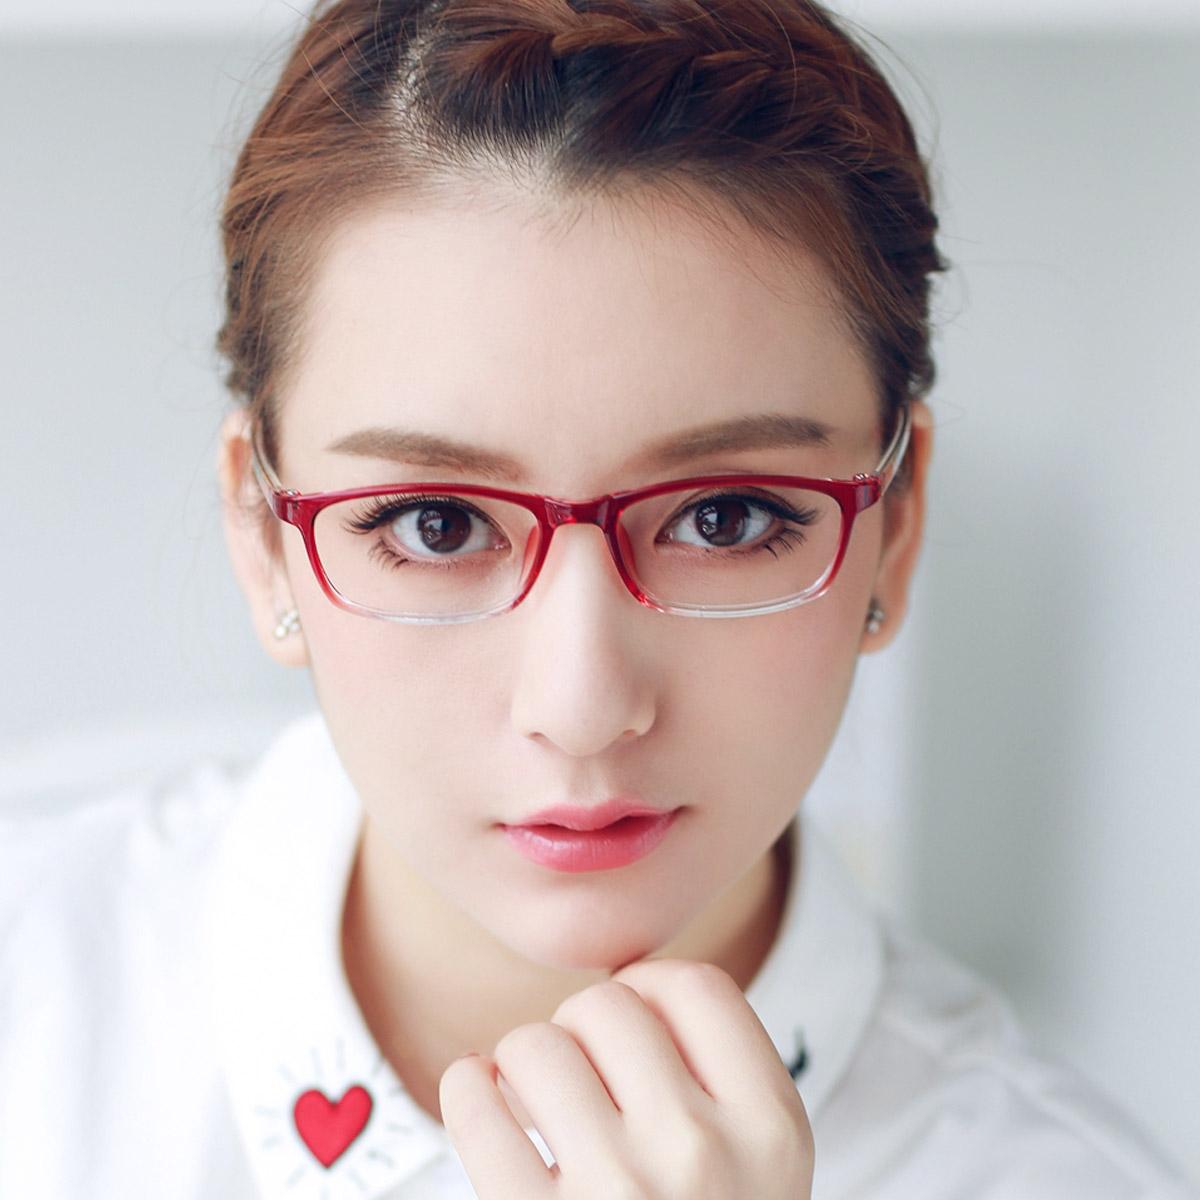 近视眼镜女超轻小脸眼镜架女 眼镜框近视女款高度数 复古眼镜架女